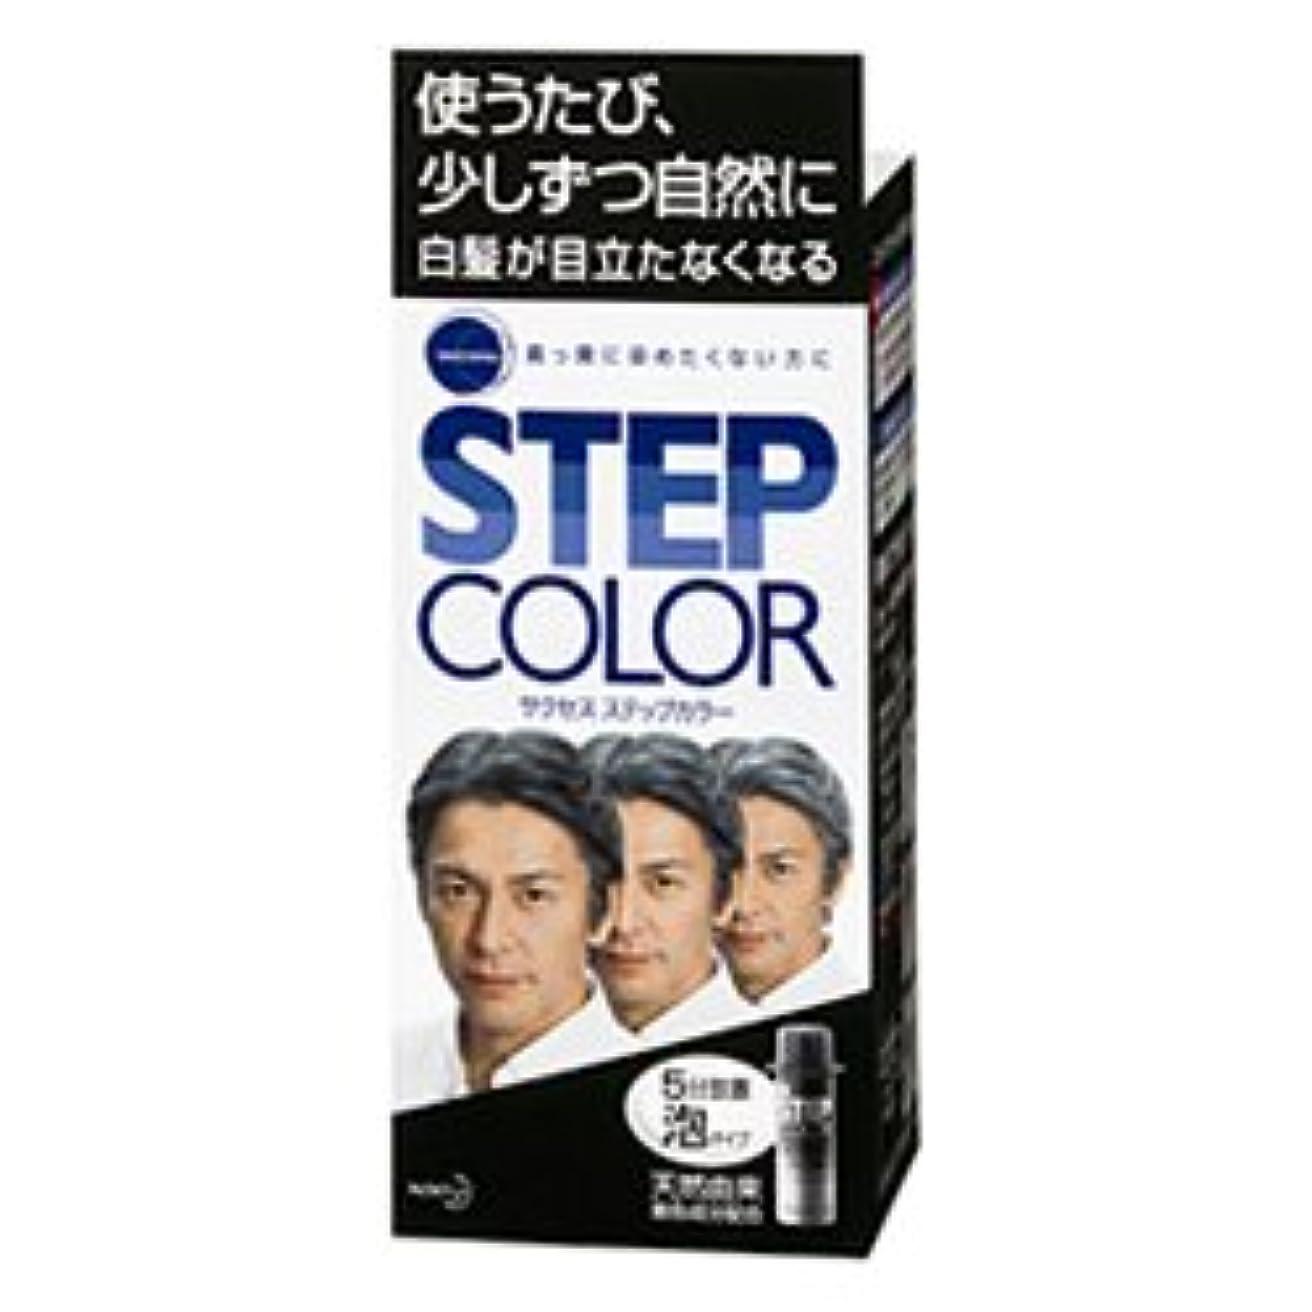 有料ボリュームギャンブル【花王】サクセスステップカラー 110g ×10個セット